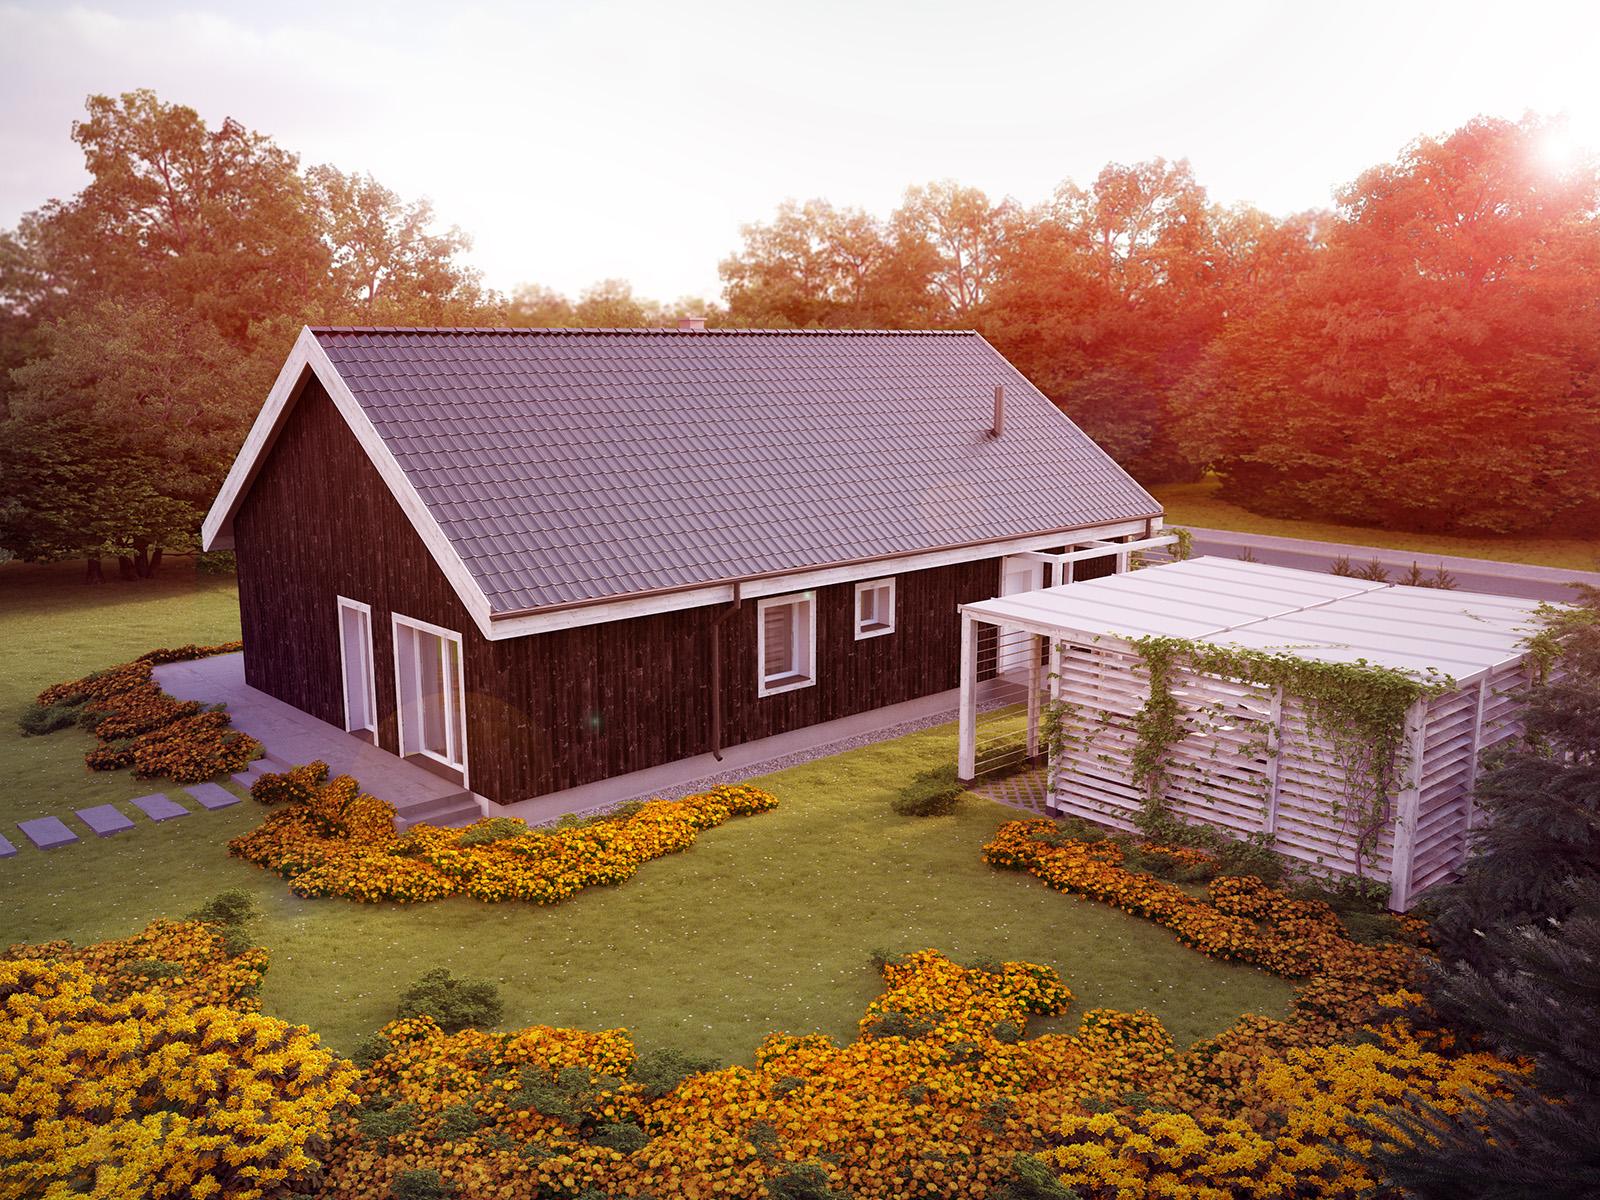 Projekt domu OSLO Domy Czystej Energii widok od ogrodu